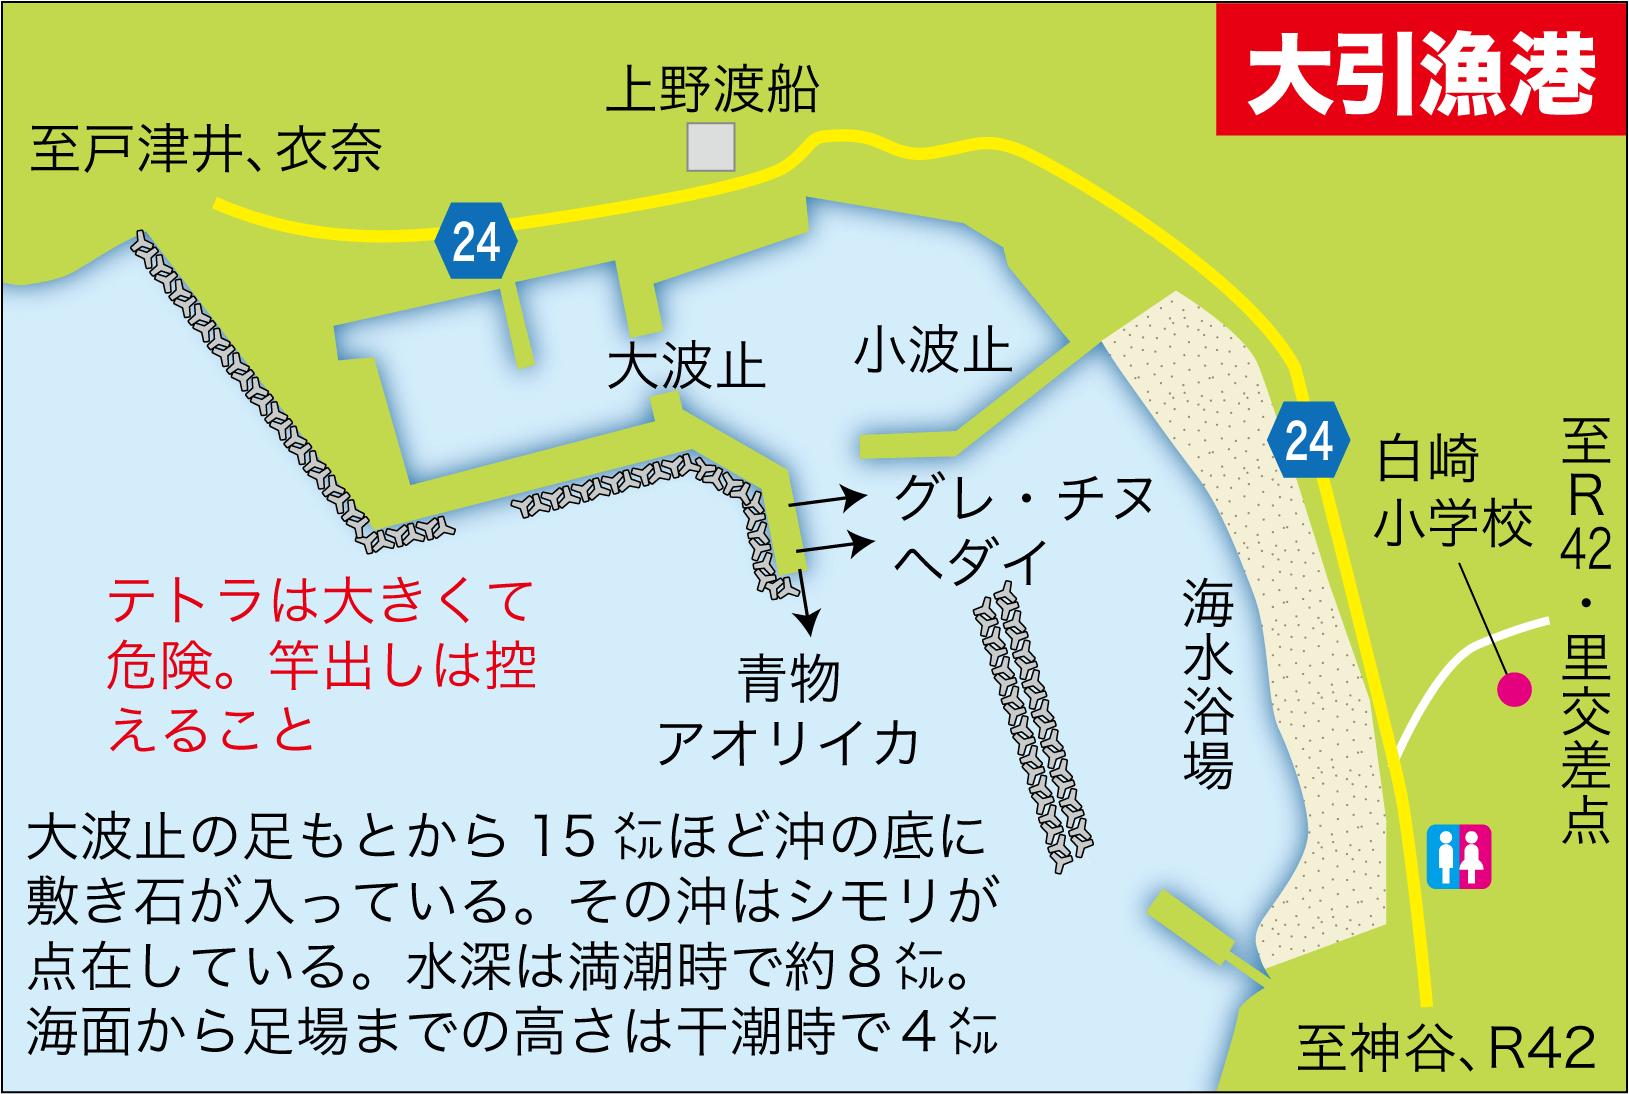 沖アミレンガ1つ大引漁港9